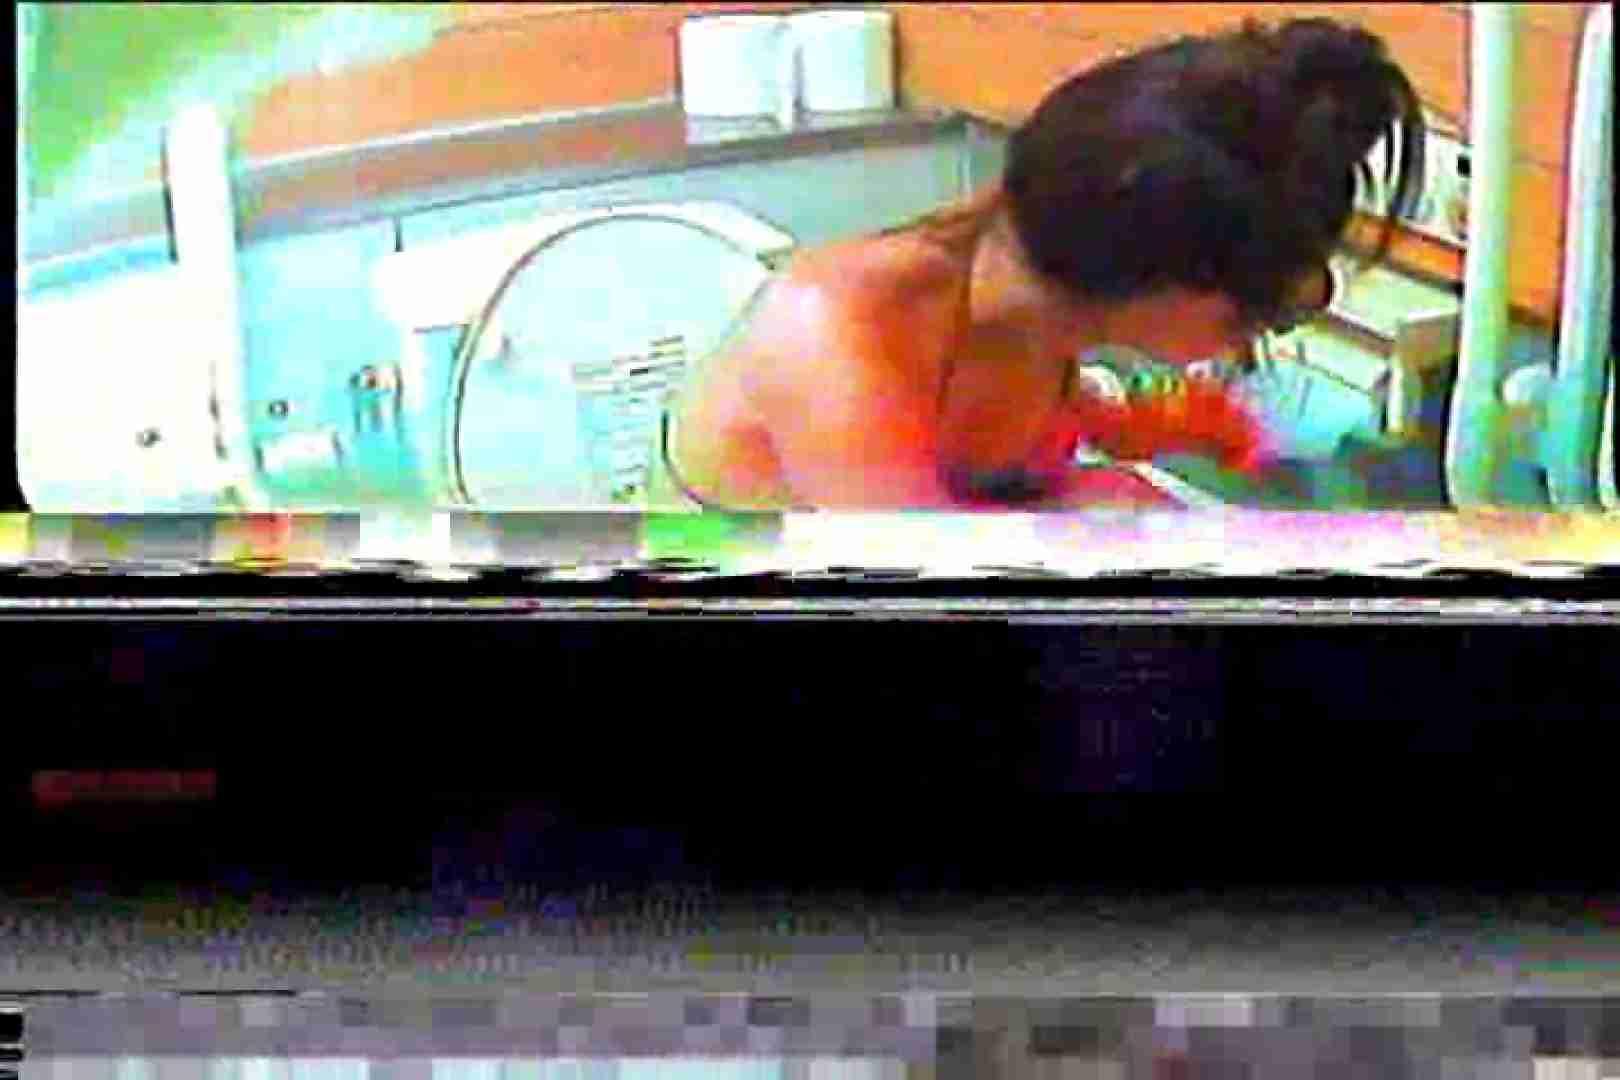 2点盗撮洗面所潜入レポートVol.7 洋式固定カメラ編 カップル おまんこ動画流出 91pic 77